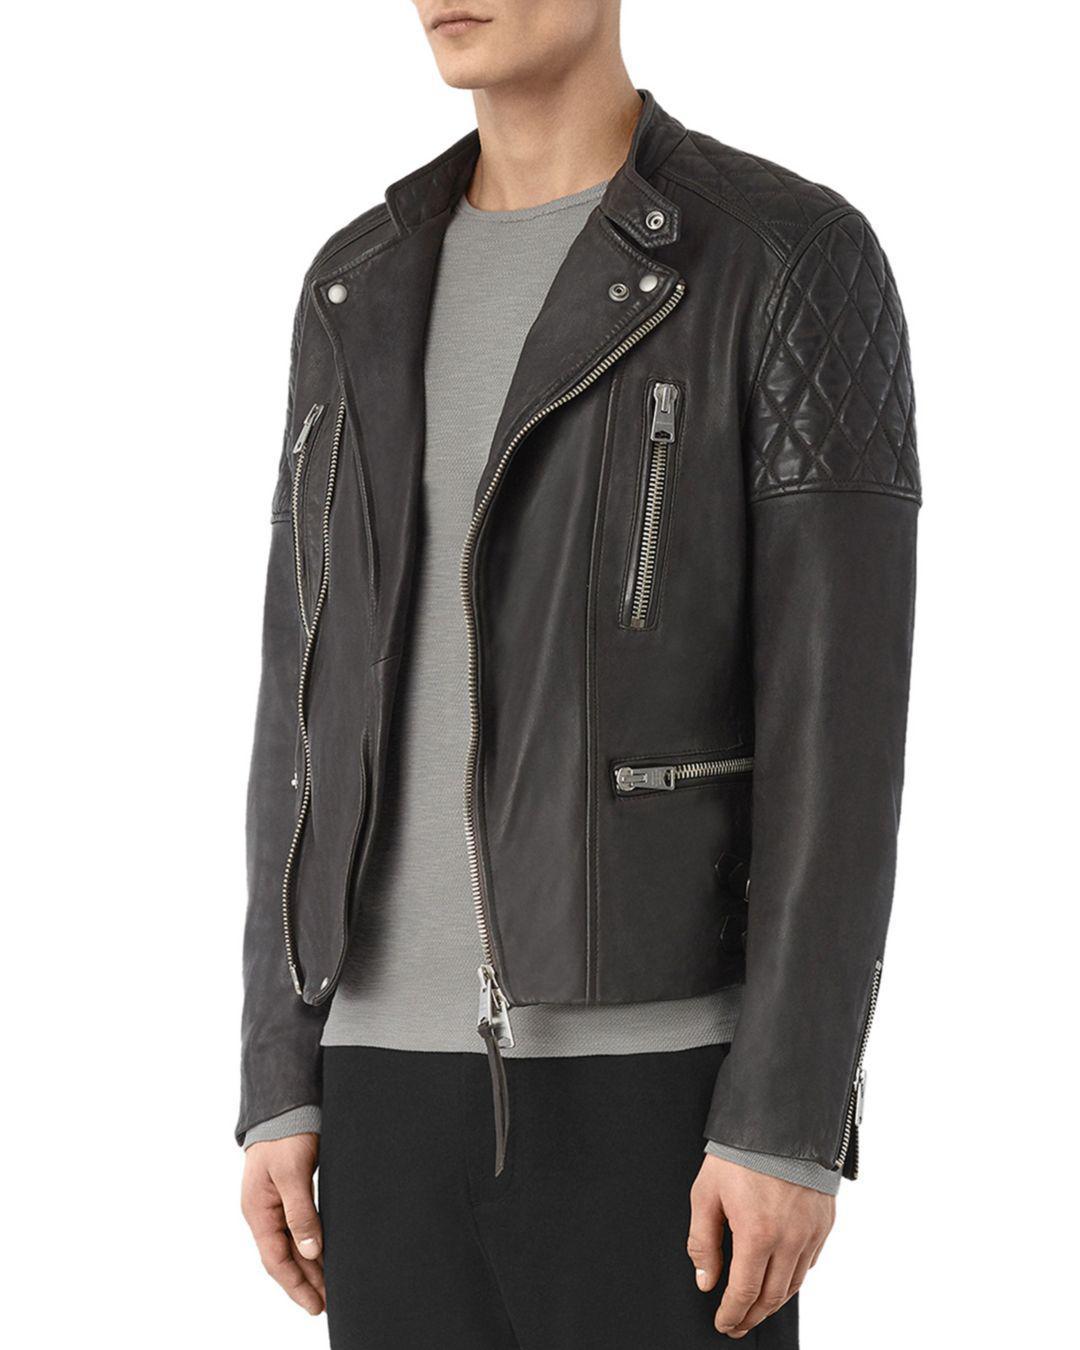 AllSaints Leather Slade Biker Jacket in Anthracite Gray (Grey) for Men